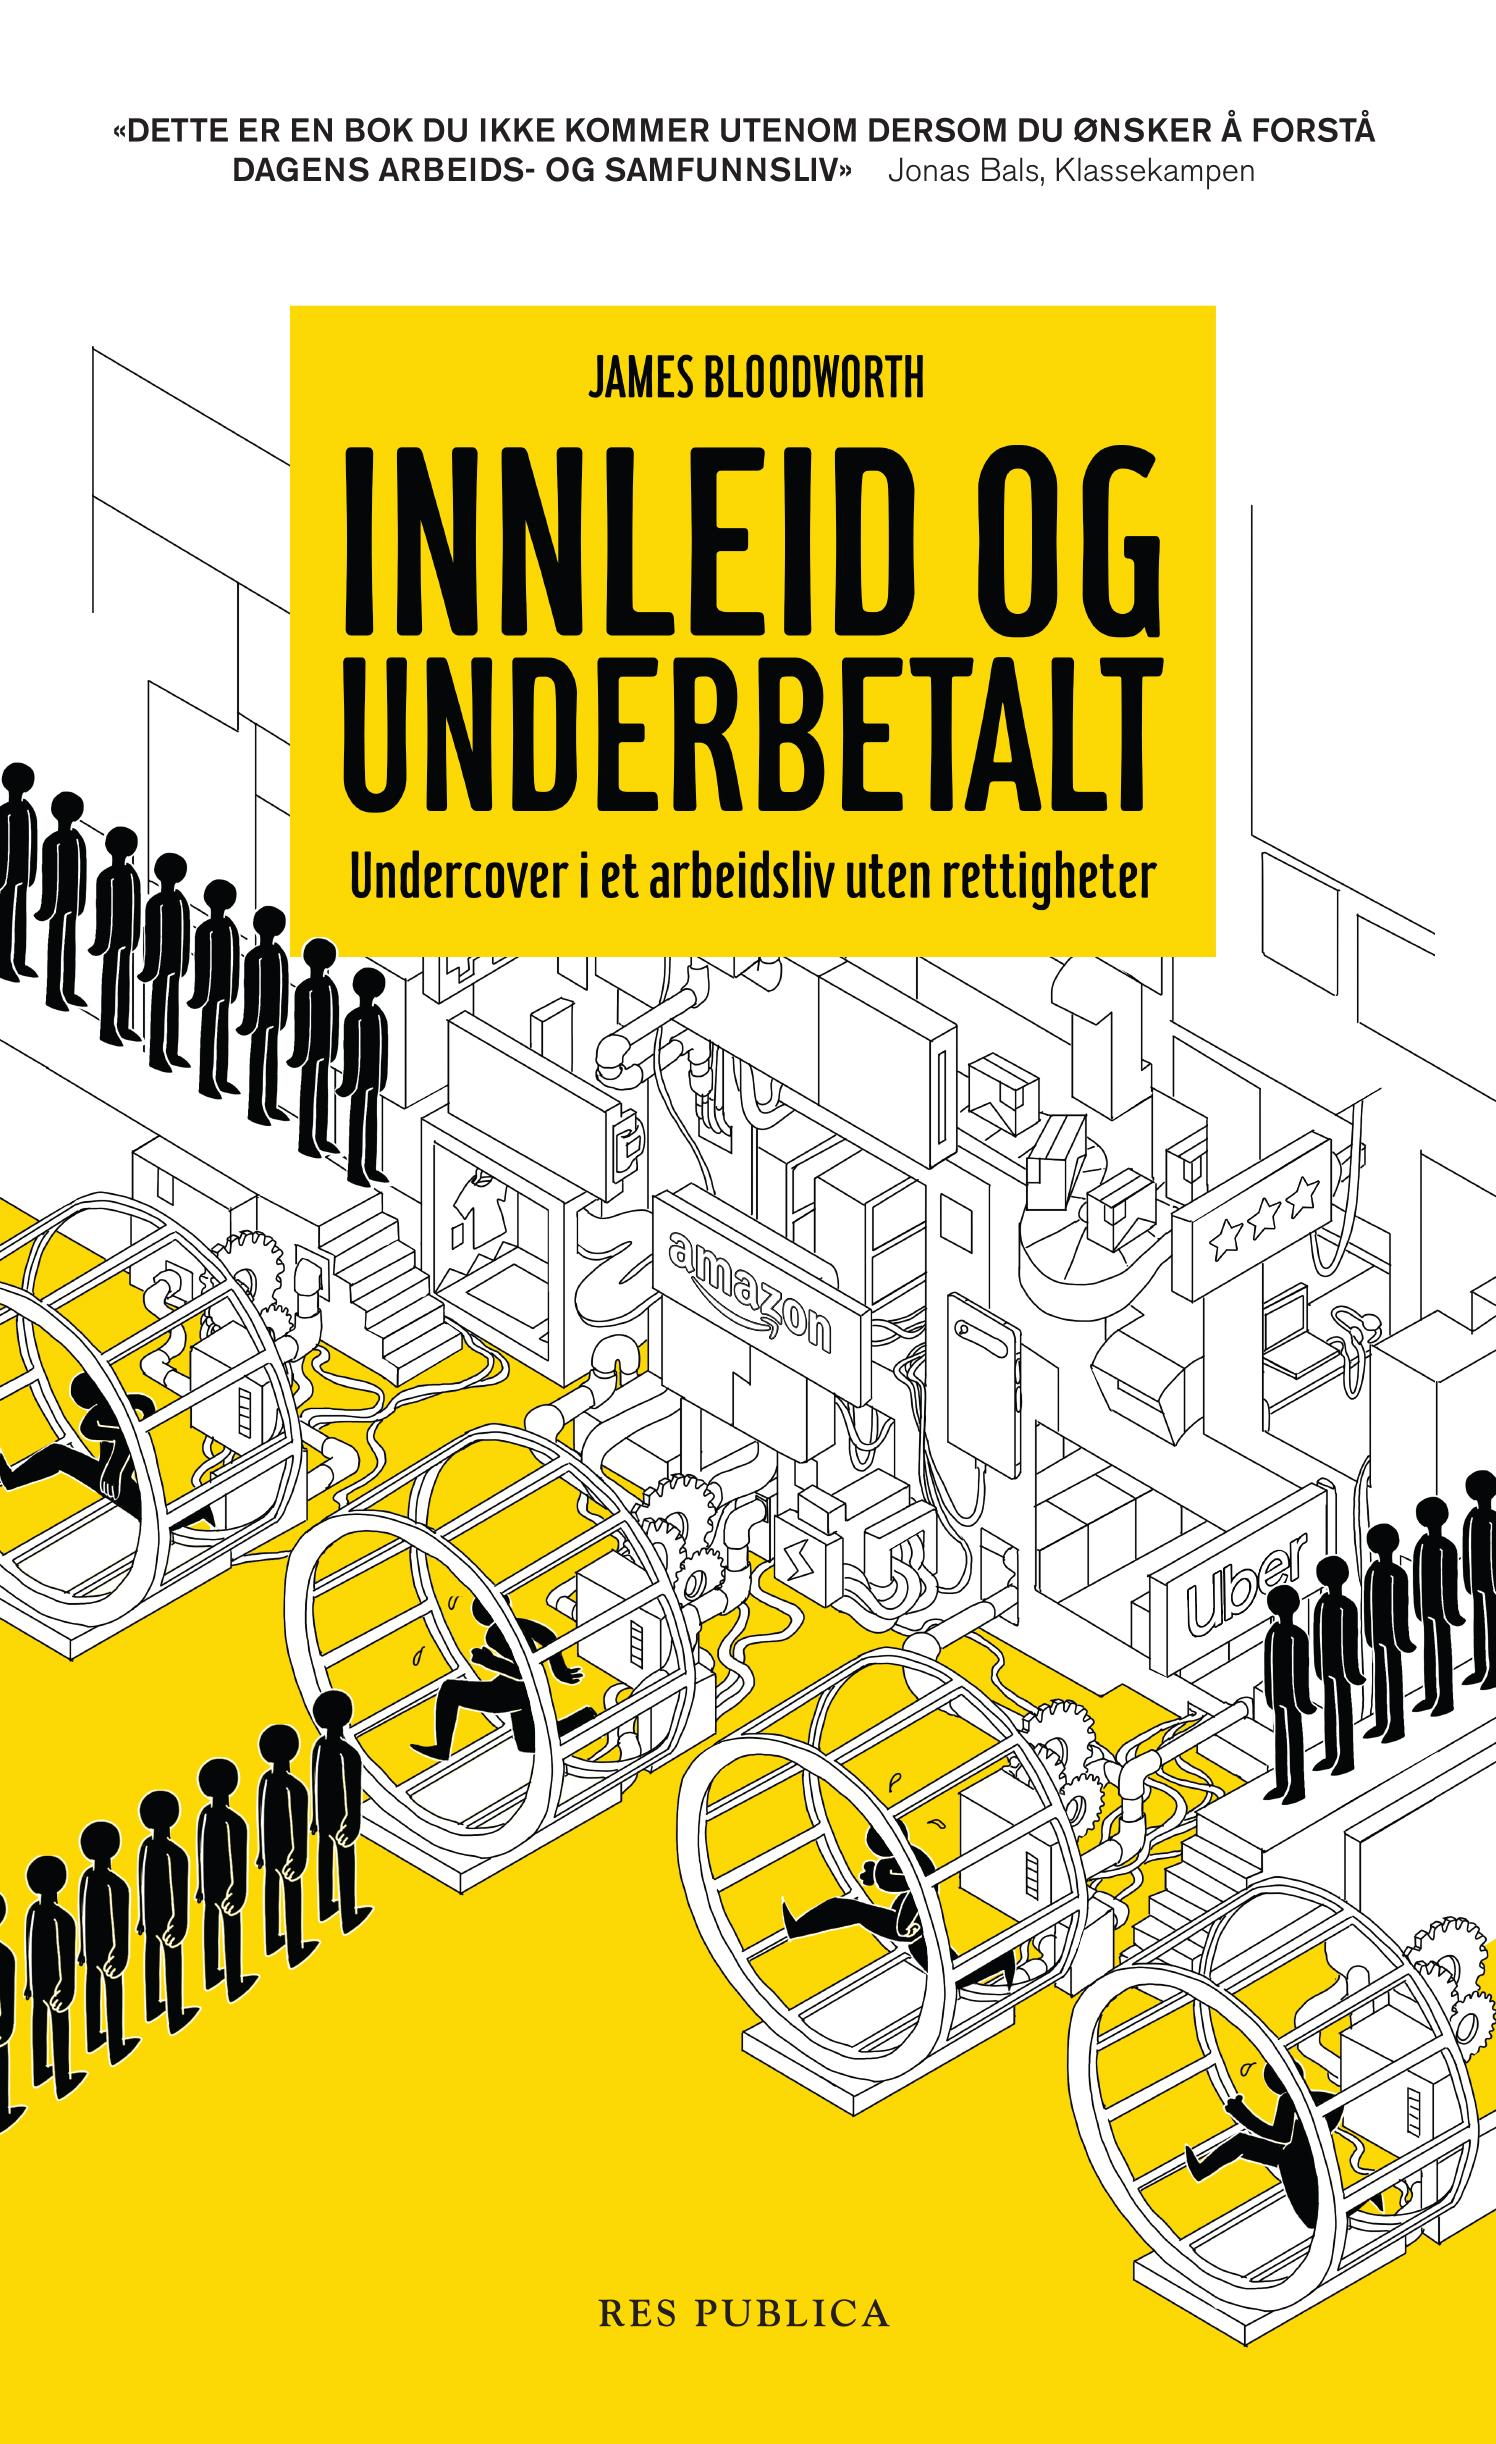 James Bloodworth: Innleid og underbetalt - Undercover i et arbeidsliv uten rettigheter